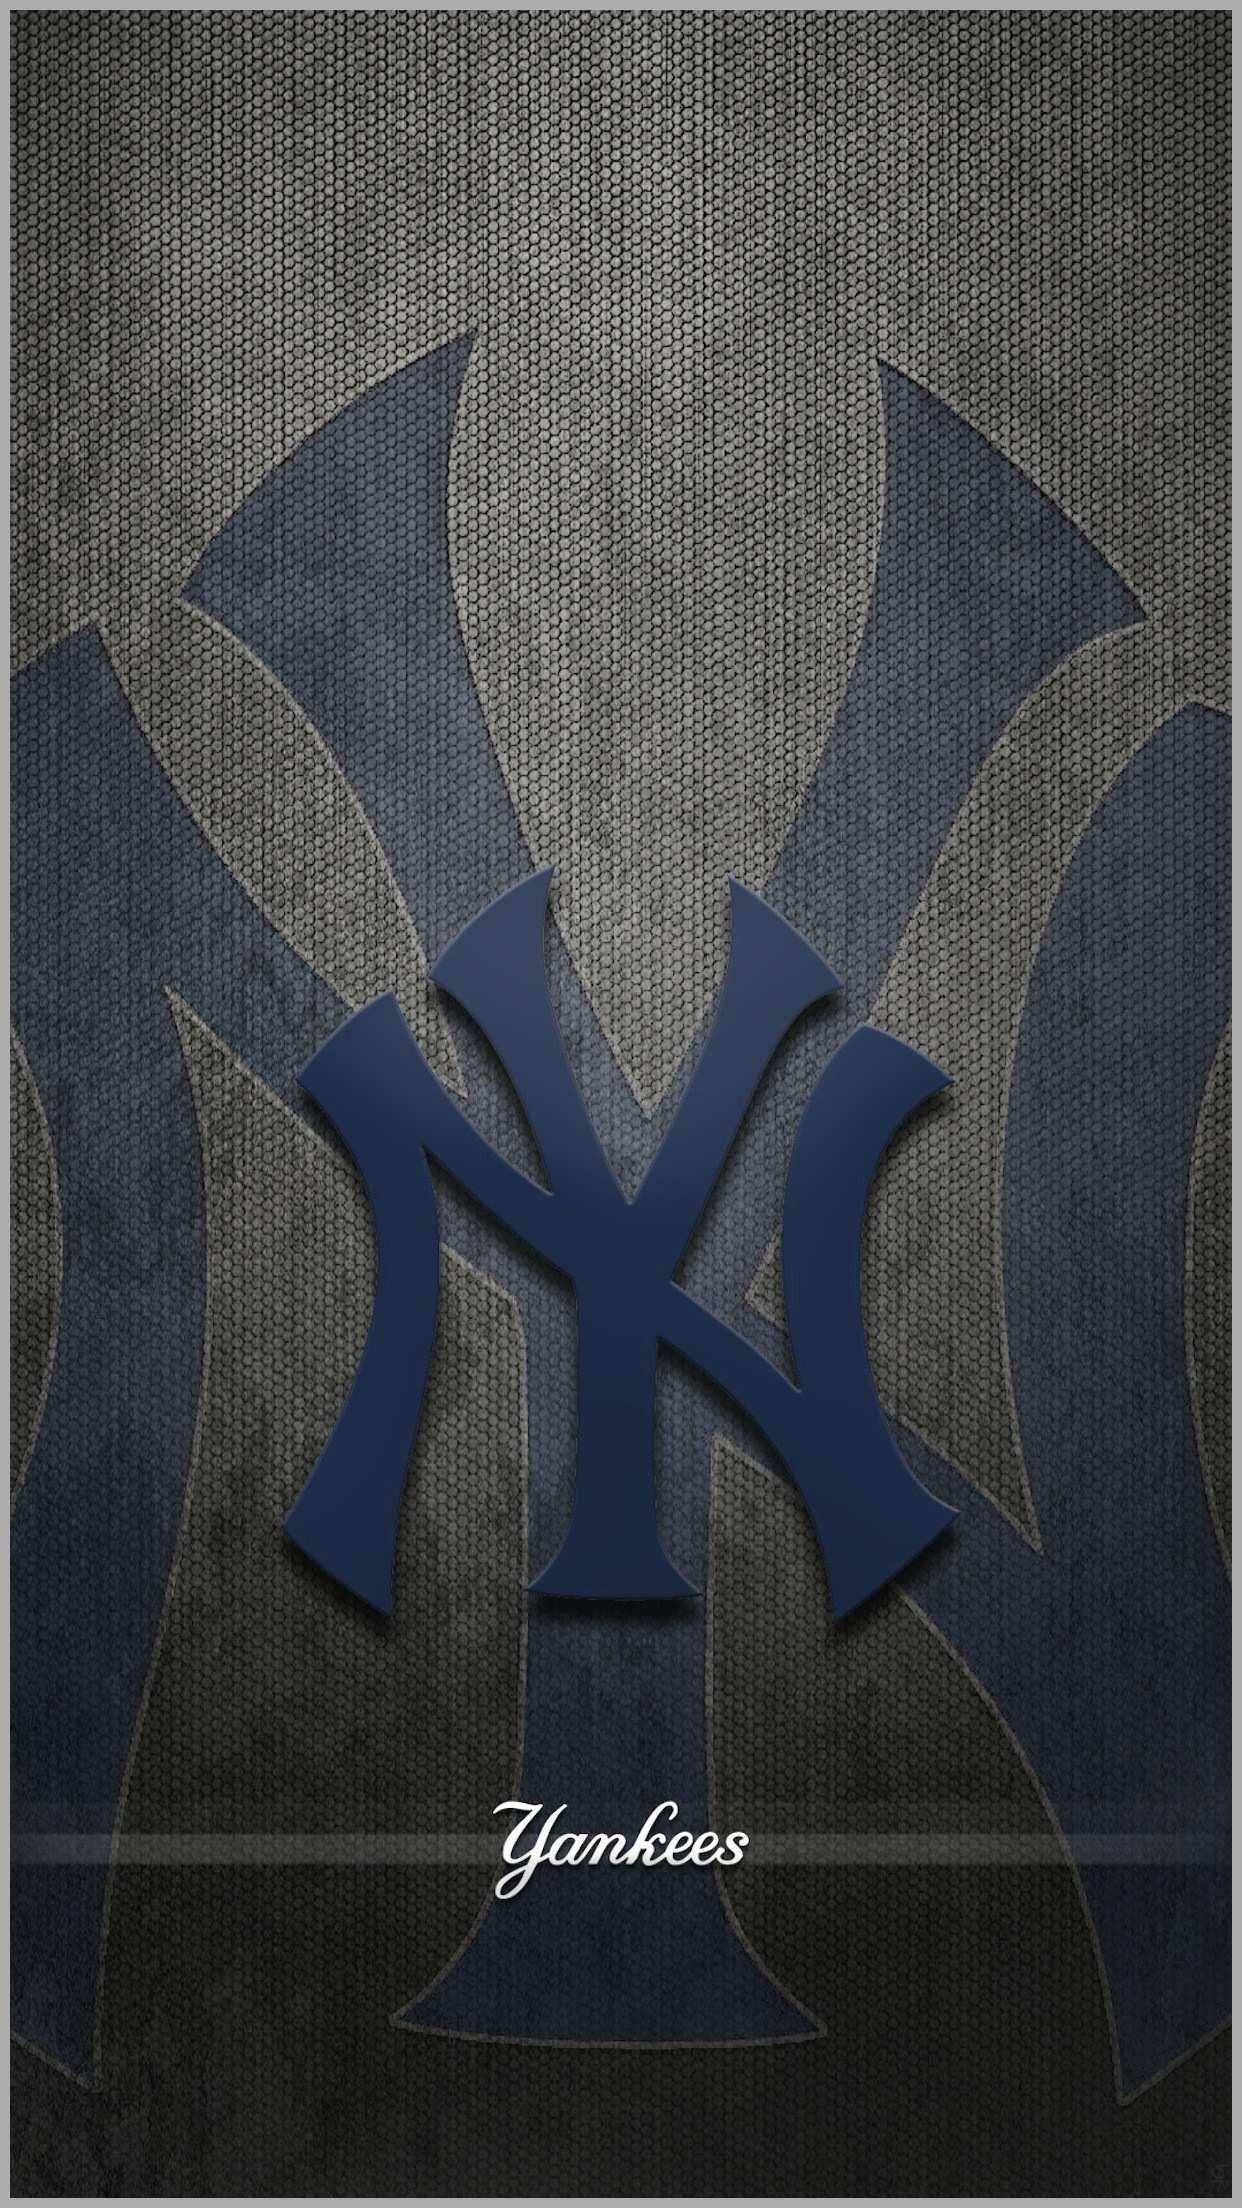 New Ny Yankees Wallpaper En 2020 Fondos De Pabtalla Fondos De Pantalla Deportes Fondos De Deportes